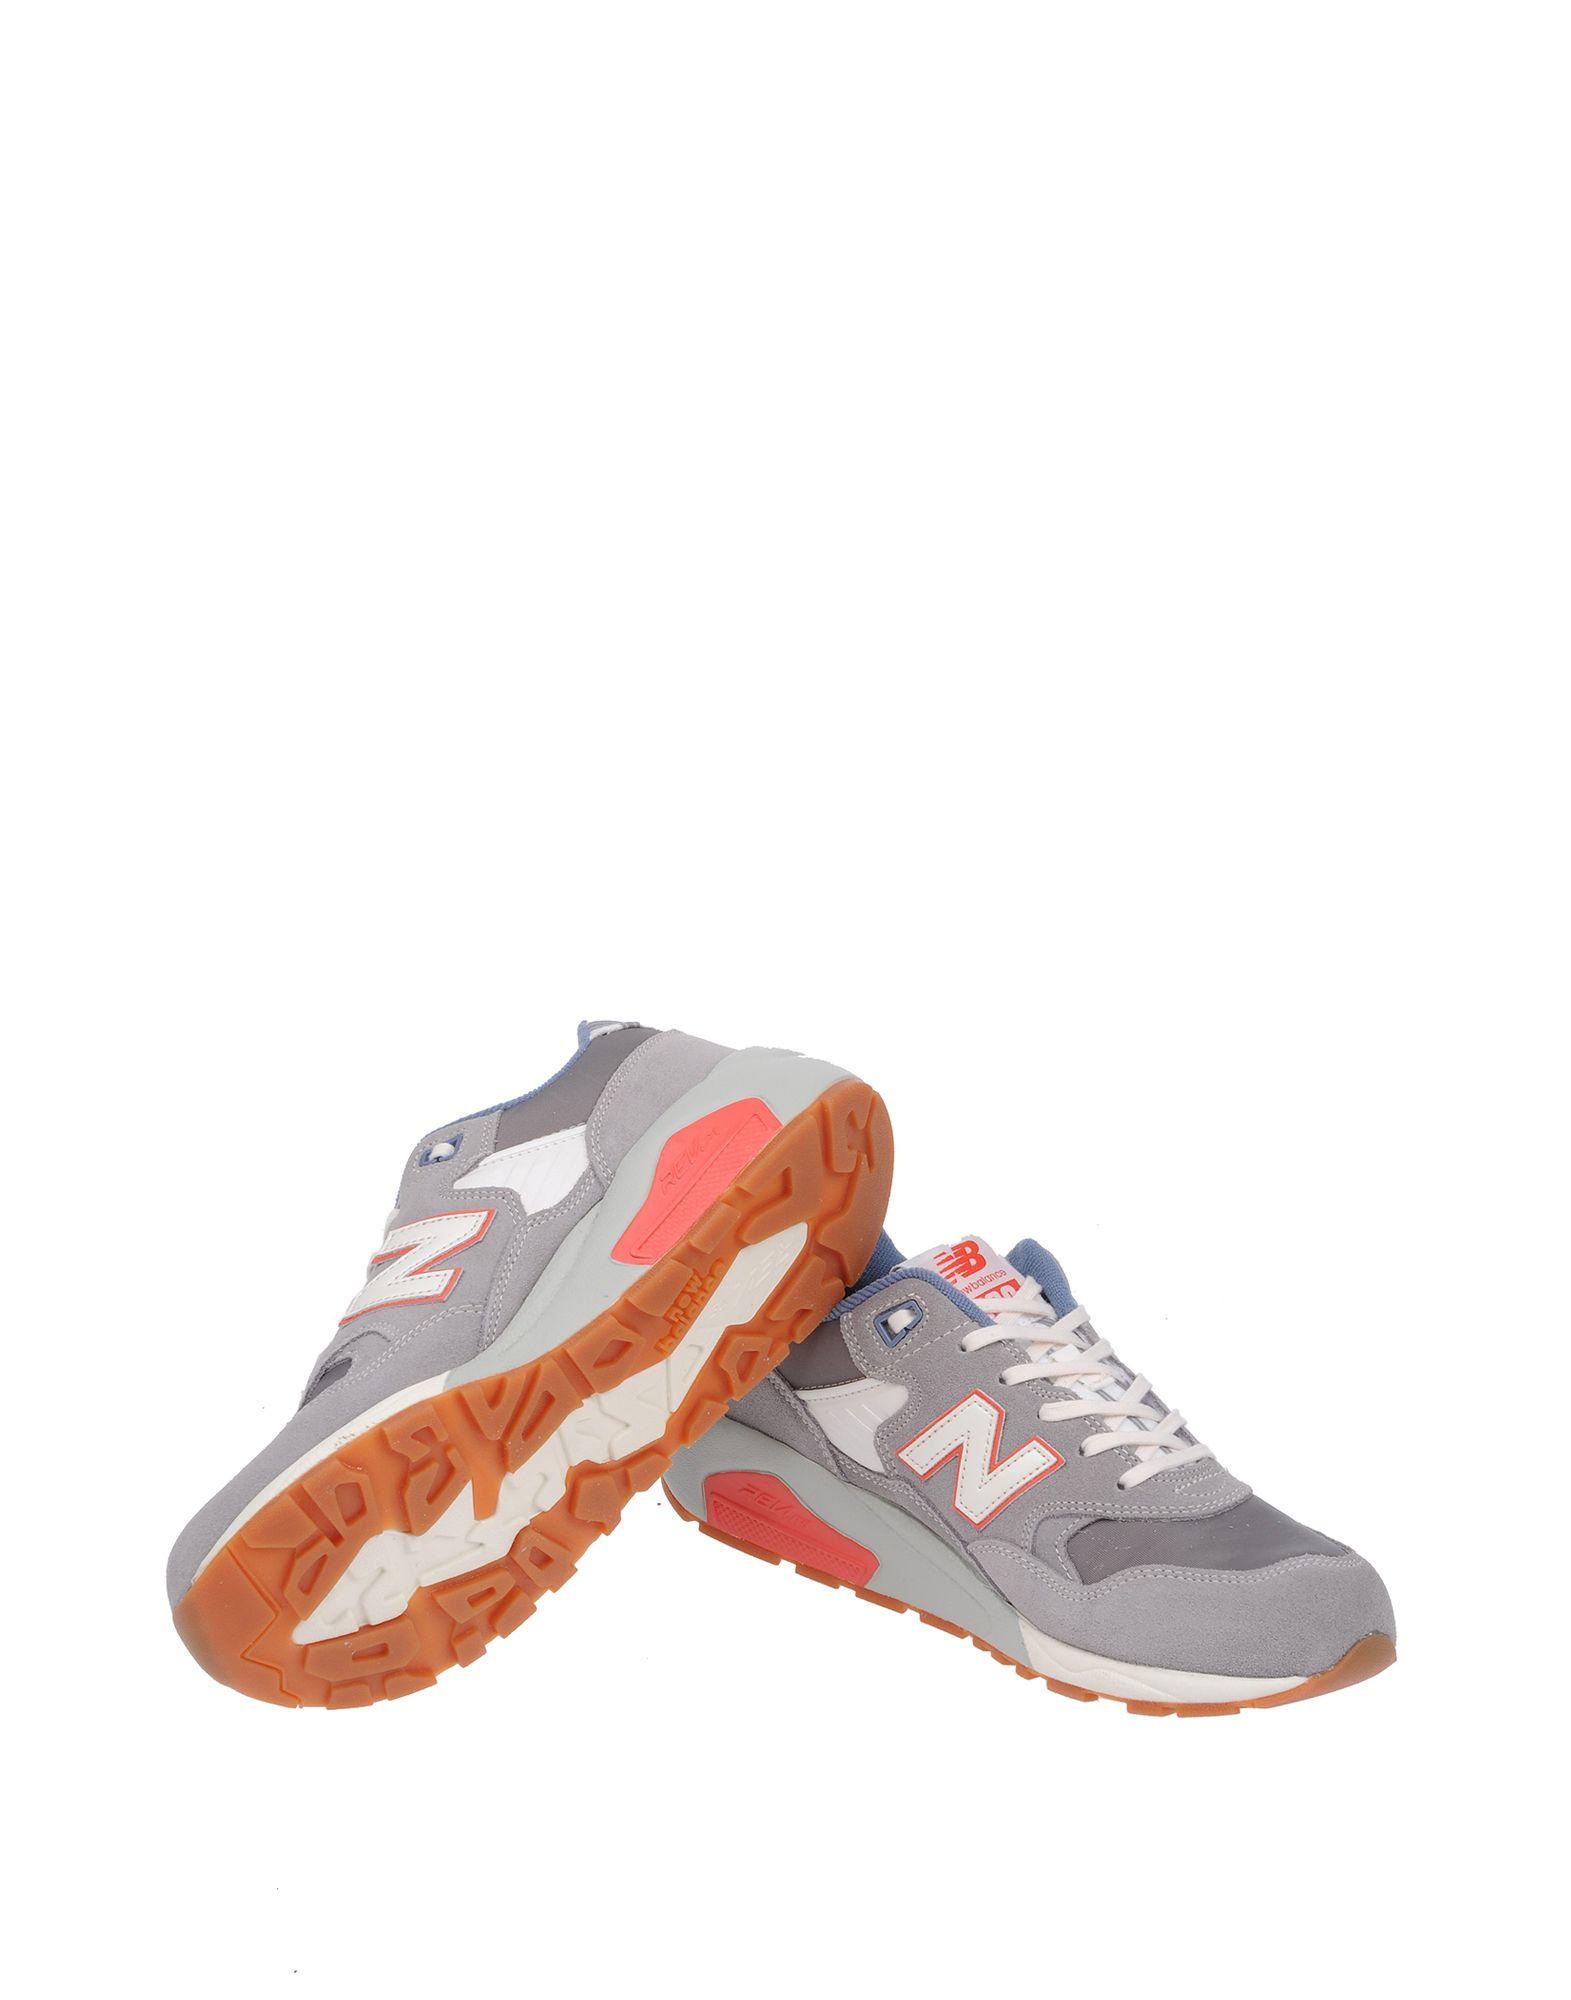 New Balance Sneakers Damen beliebte  11138903LH Gute Qualität beliebte Damen Schuhe 5b1696